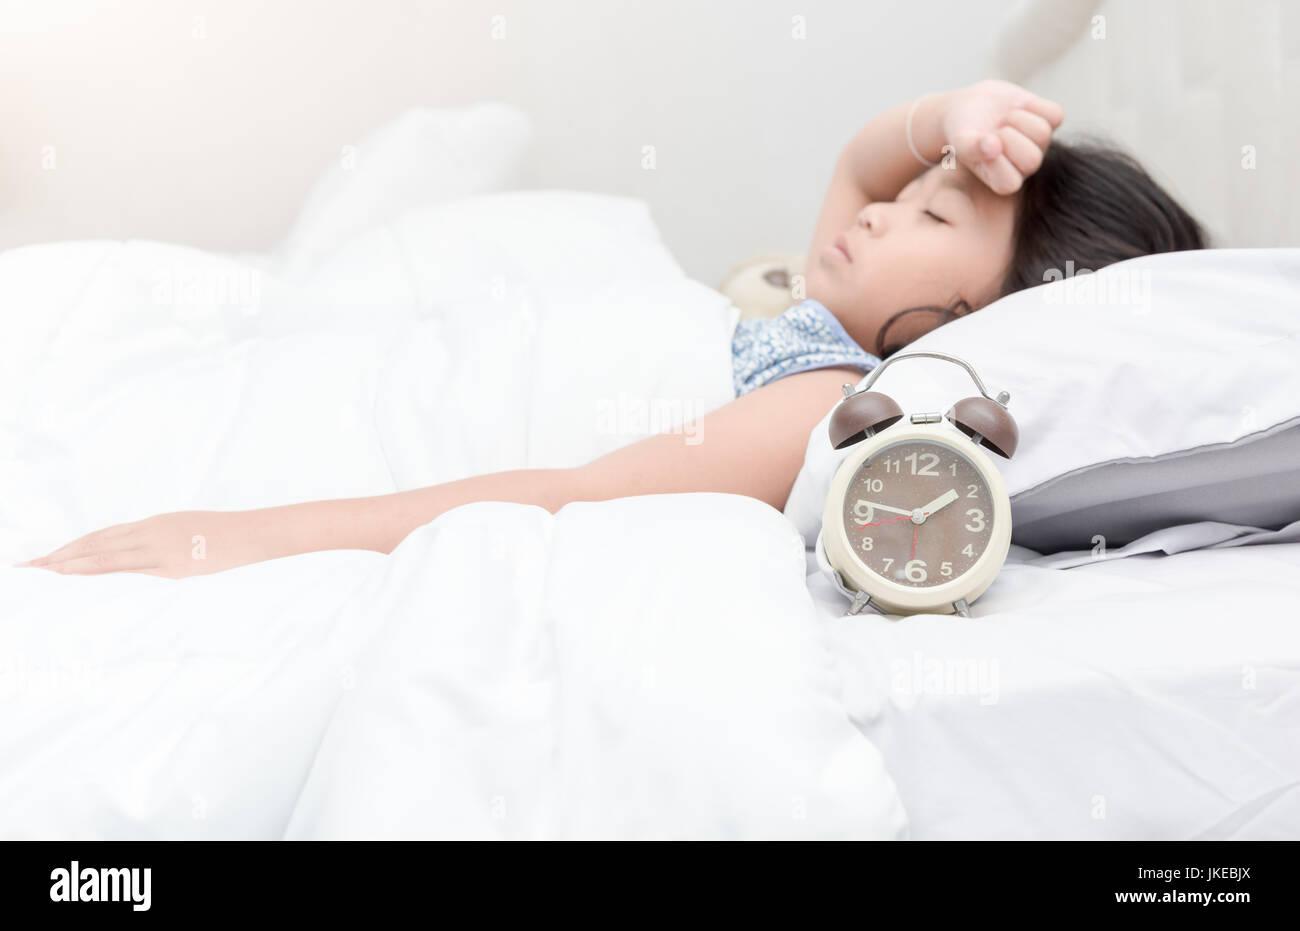 Alarma en la cama con el niño enfermo acostado padeciendo un dolor de cabeza Imagen De Stock